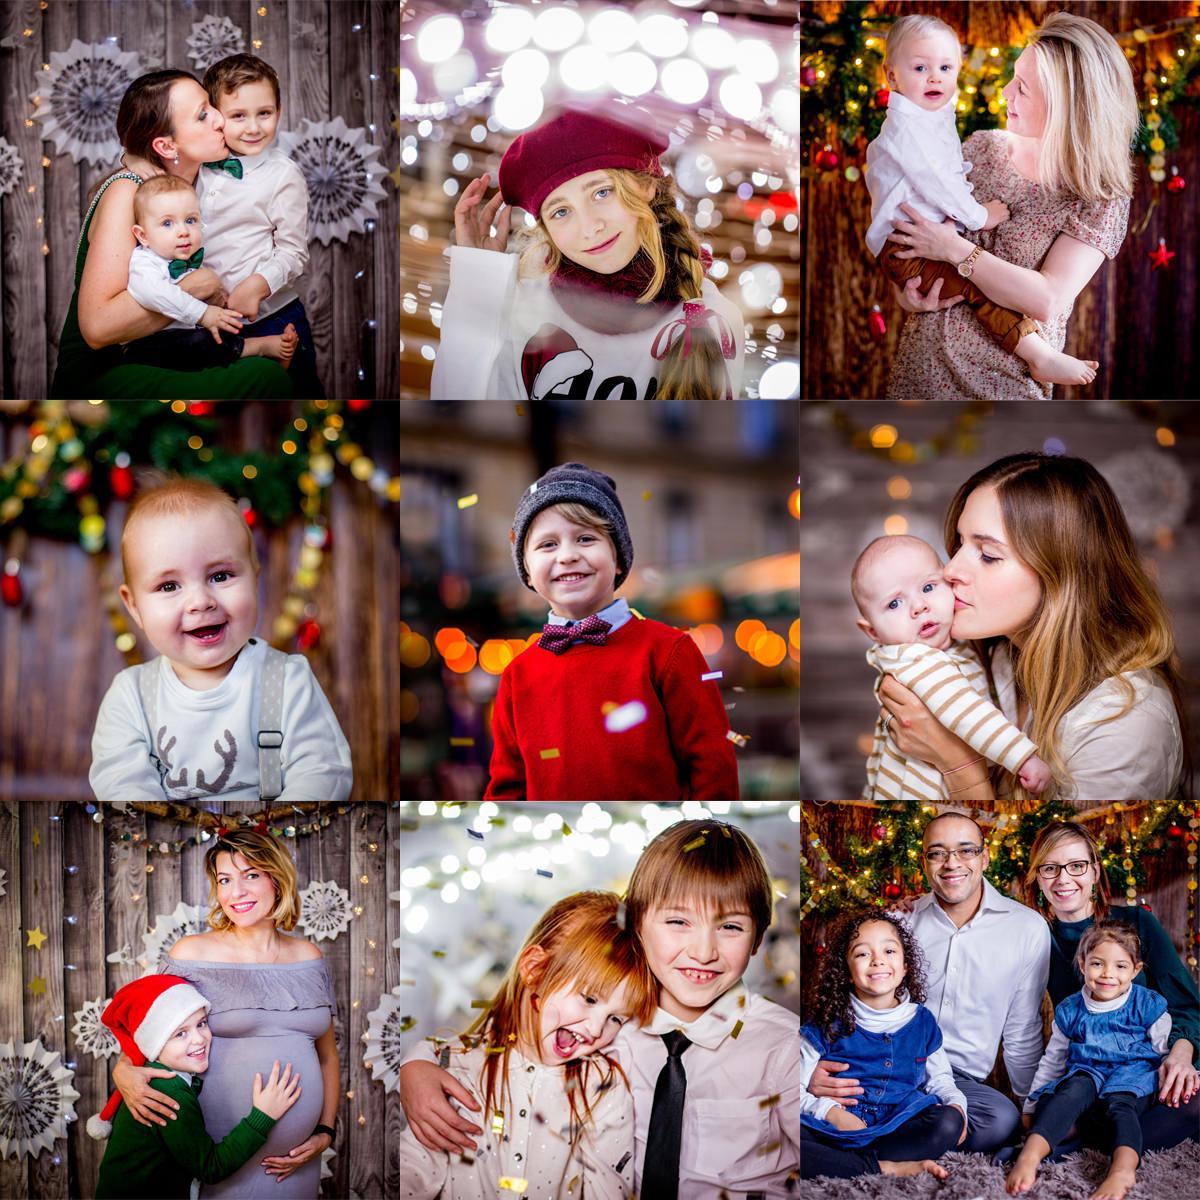 Photographe famille Paris - seance photo de Noel